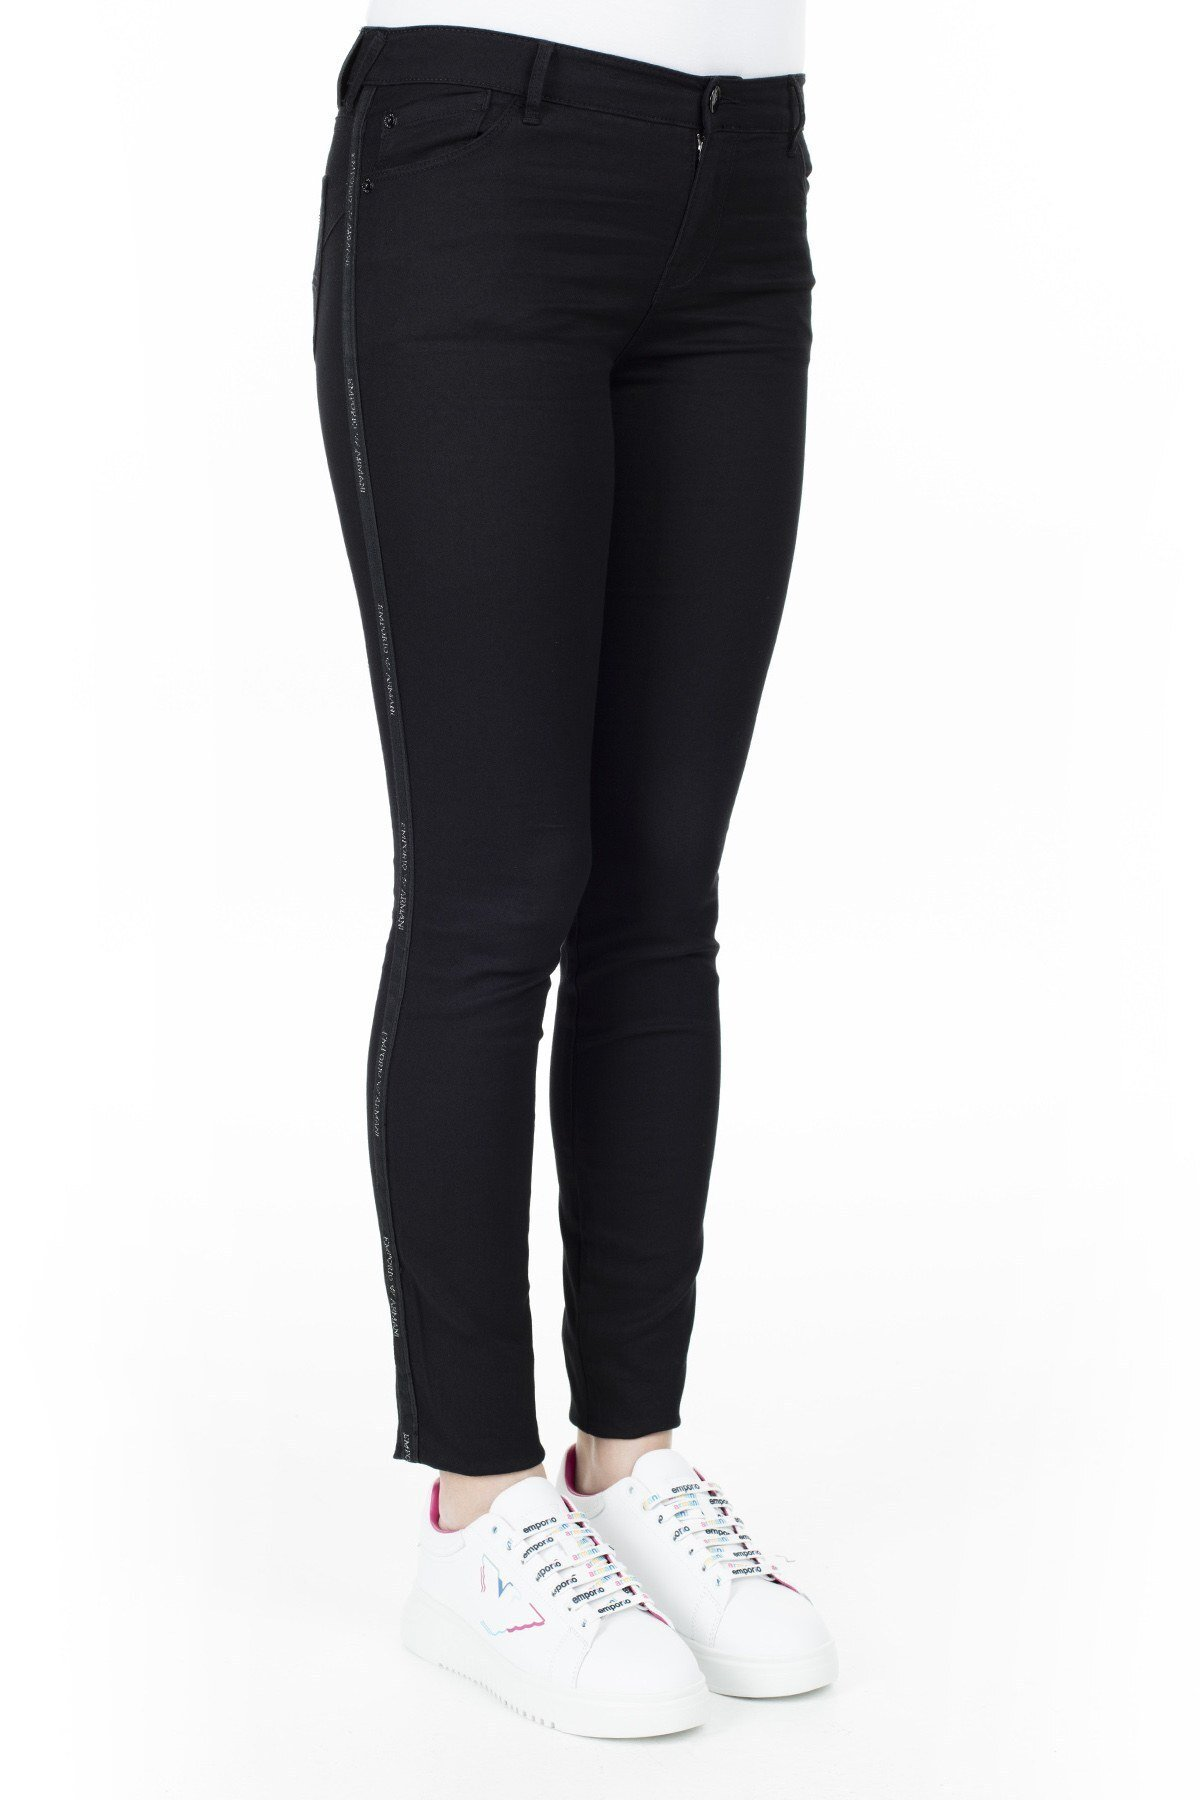 Emporio Armani J23 Jeans Bayan Kot Pantolon 3H2J23 2DXIZ 0005 SİYAH